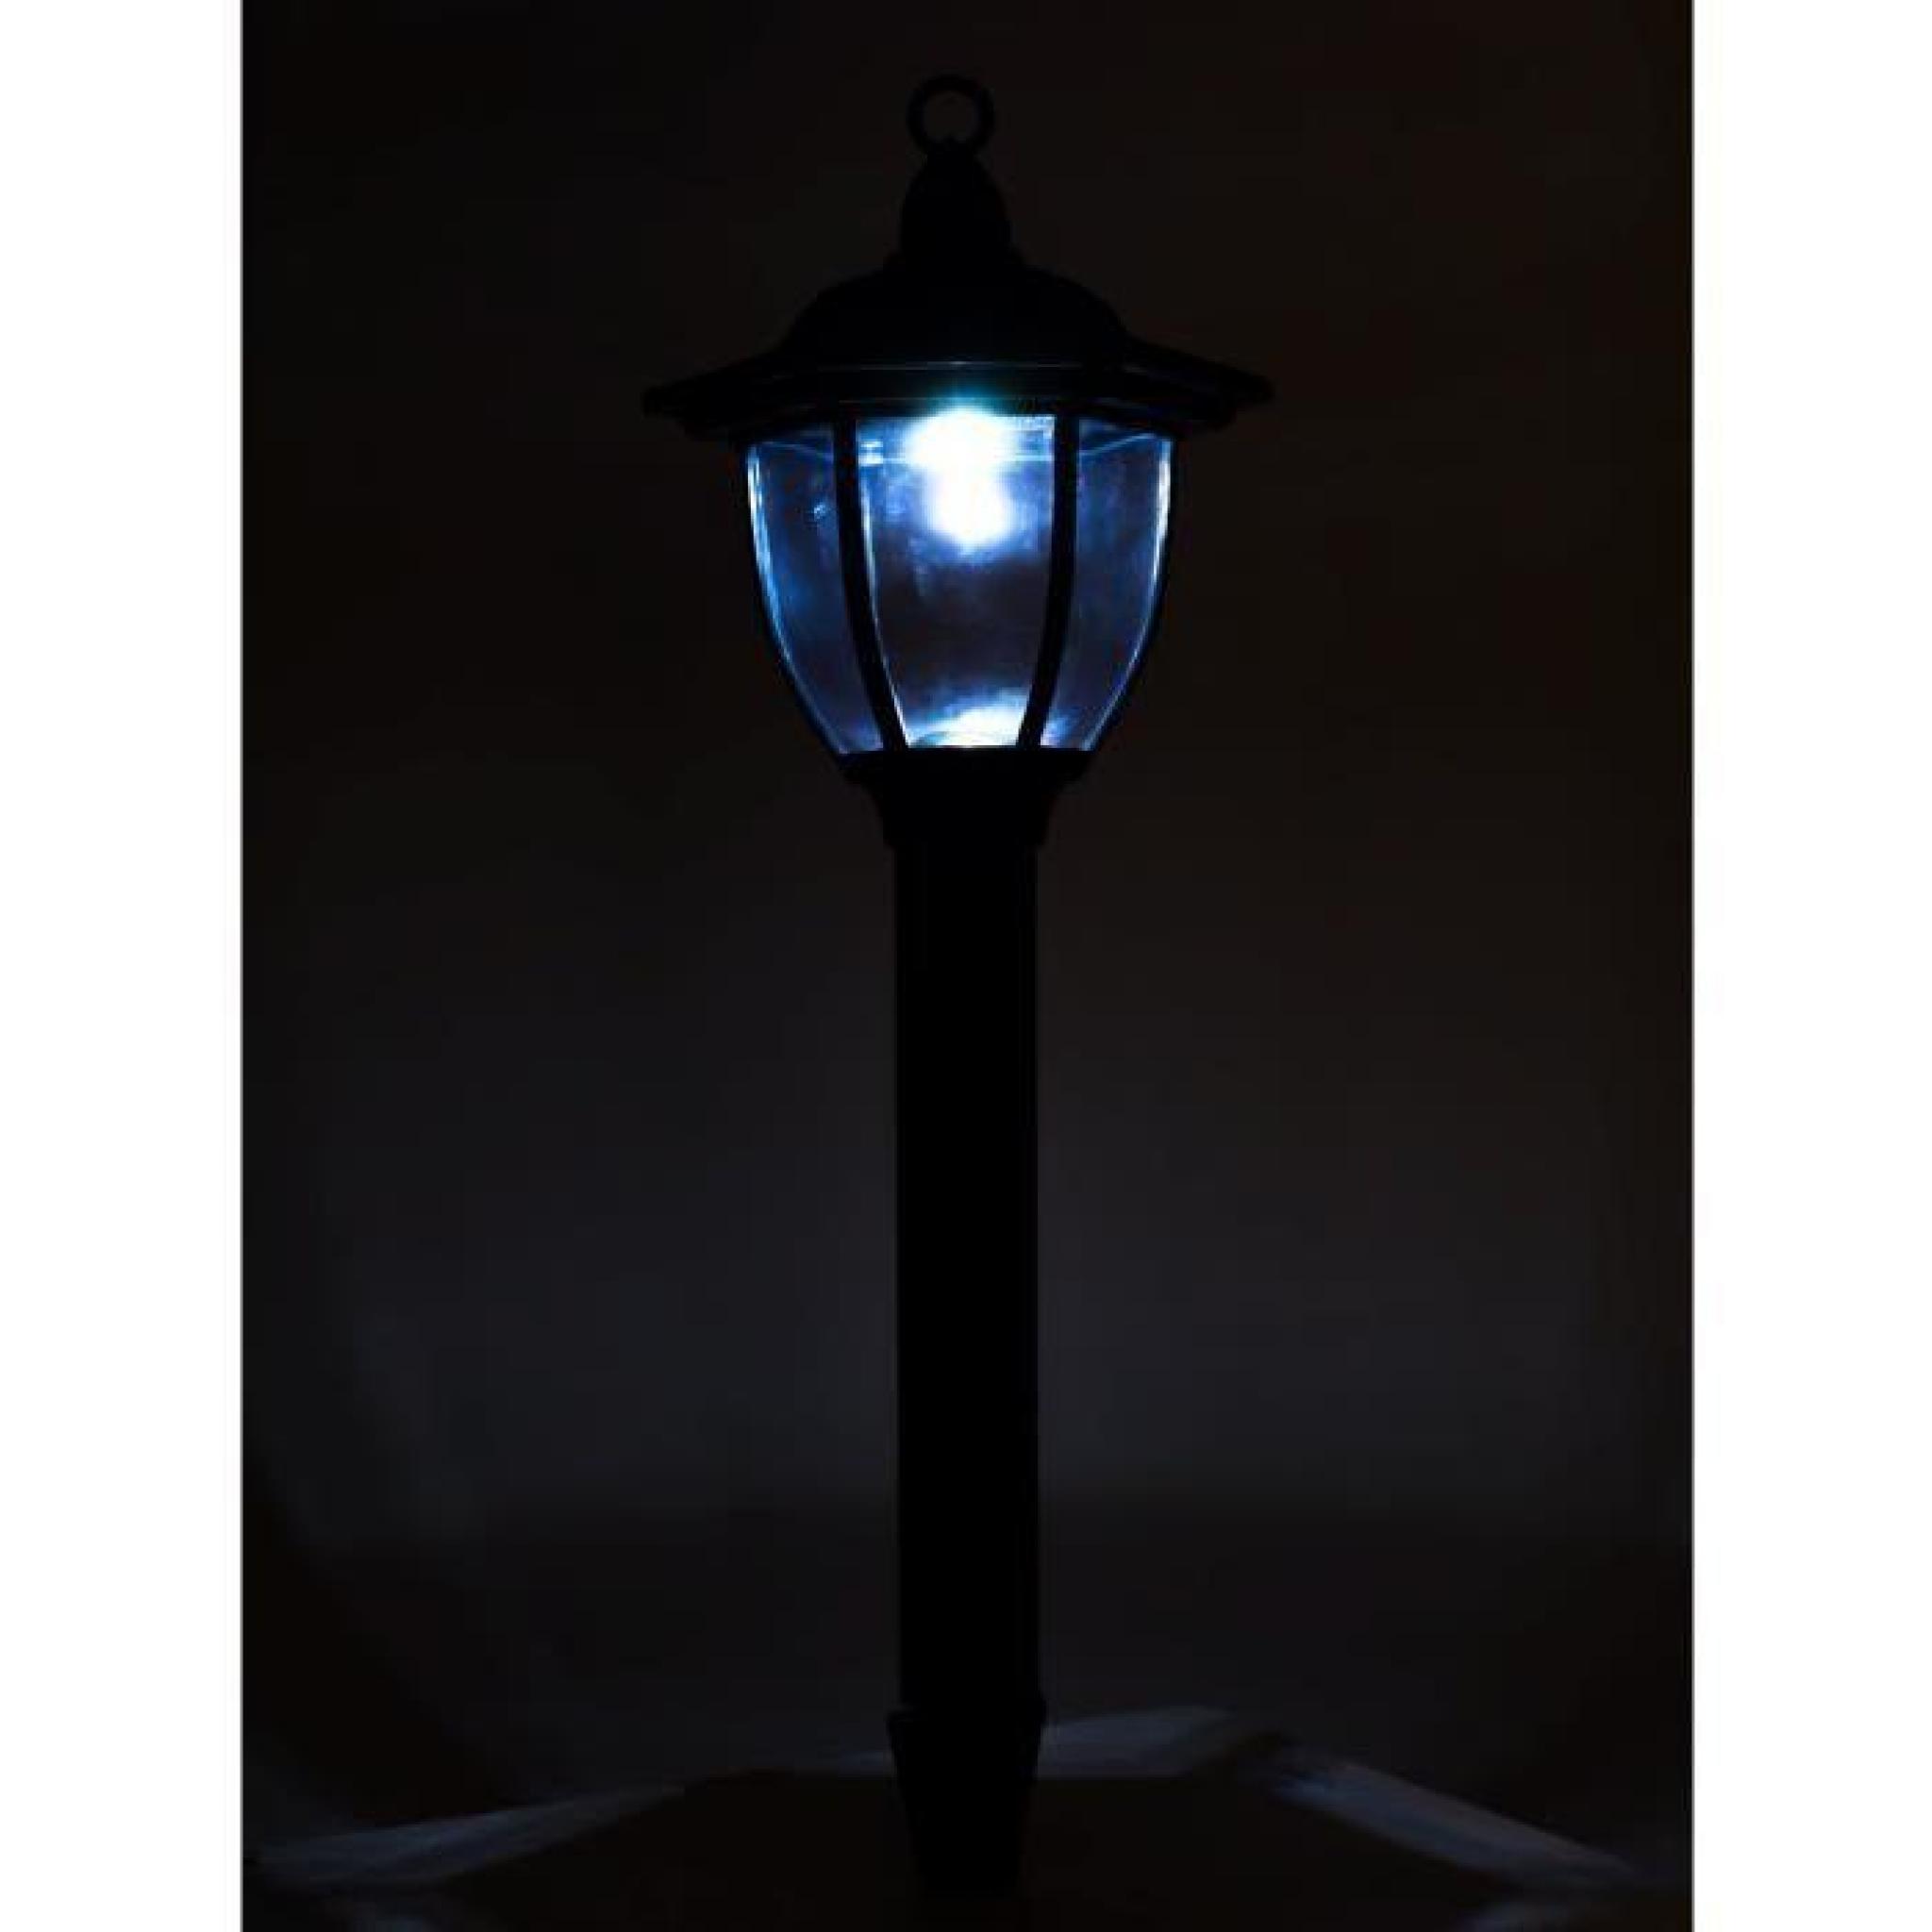 lanterne de jardin solaire 2 en 1 lot de 2 achat vente lampe solaire jardin pas cher. Black Bedroom Furniture Sets. Home Design Ideas